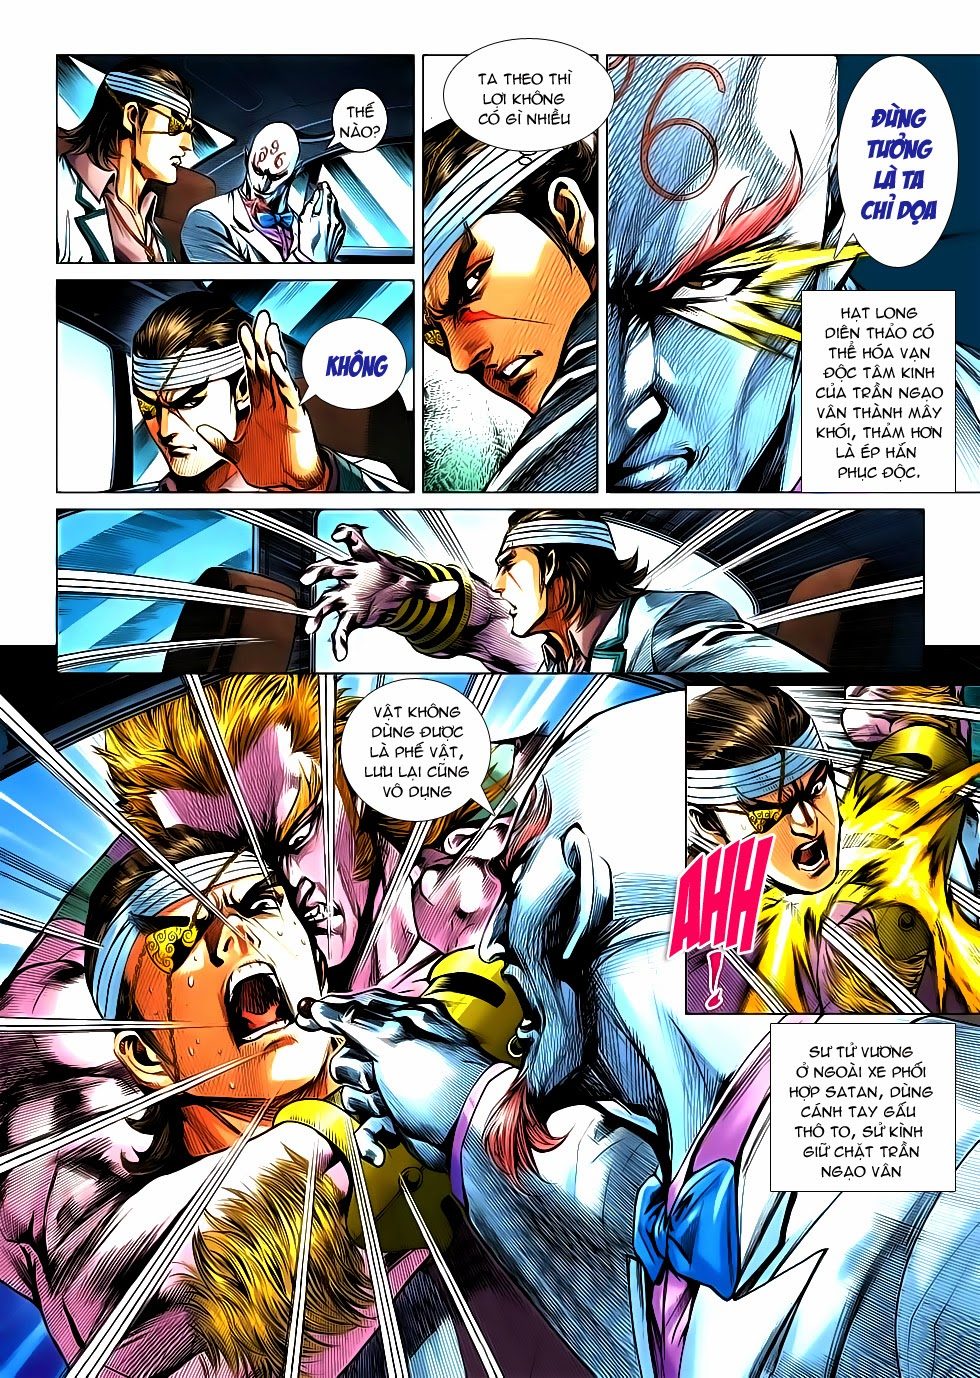 Tân Tác Long Hổ Môn trang 14